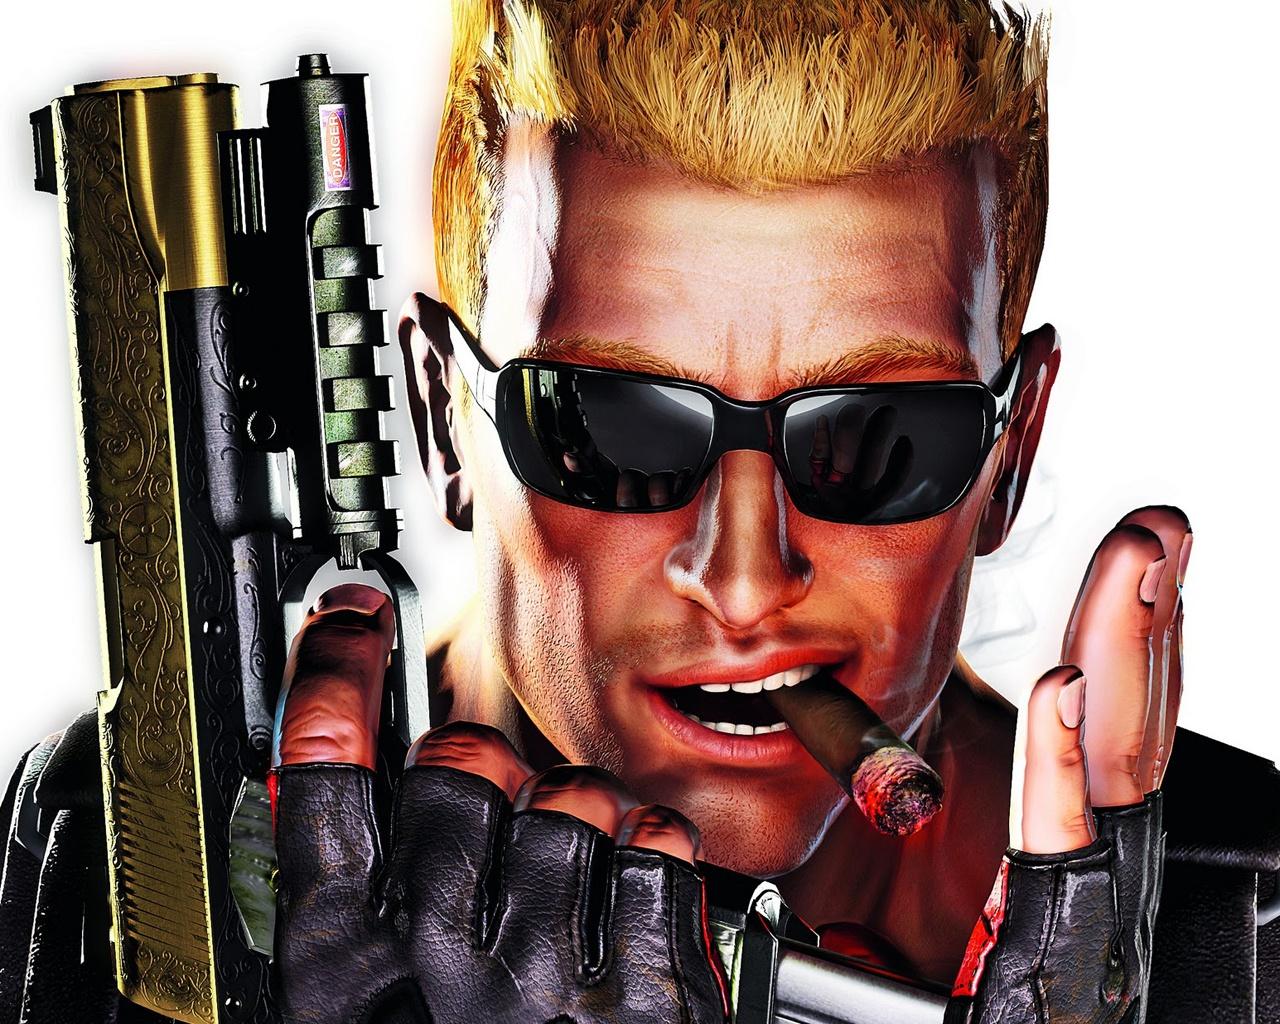 Duke Nukem and Cigar